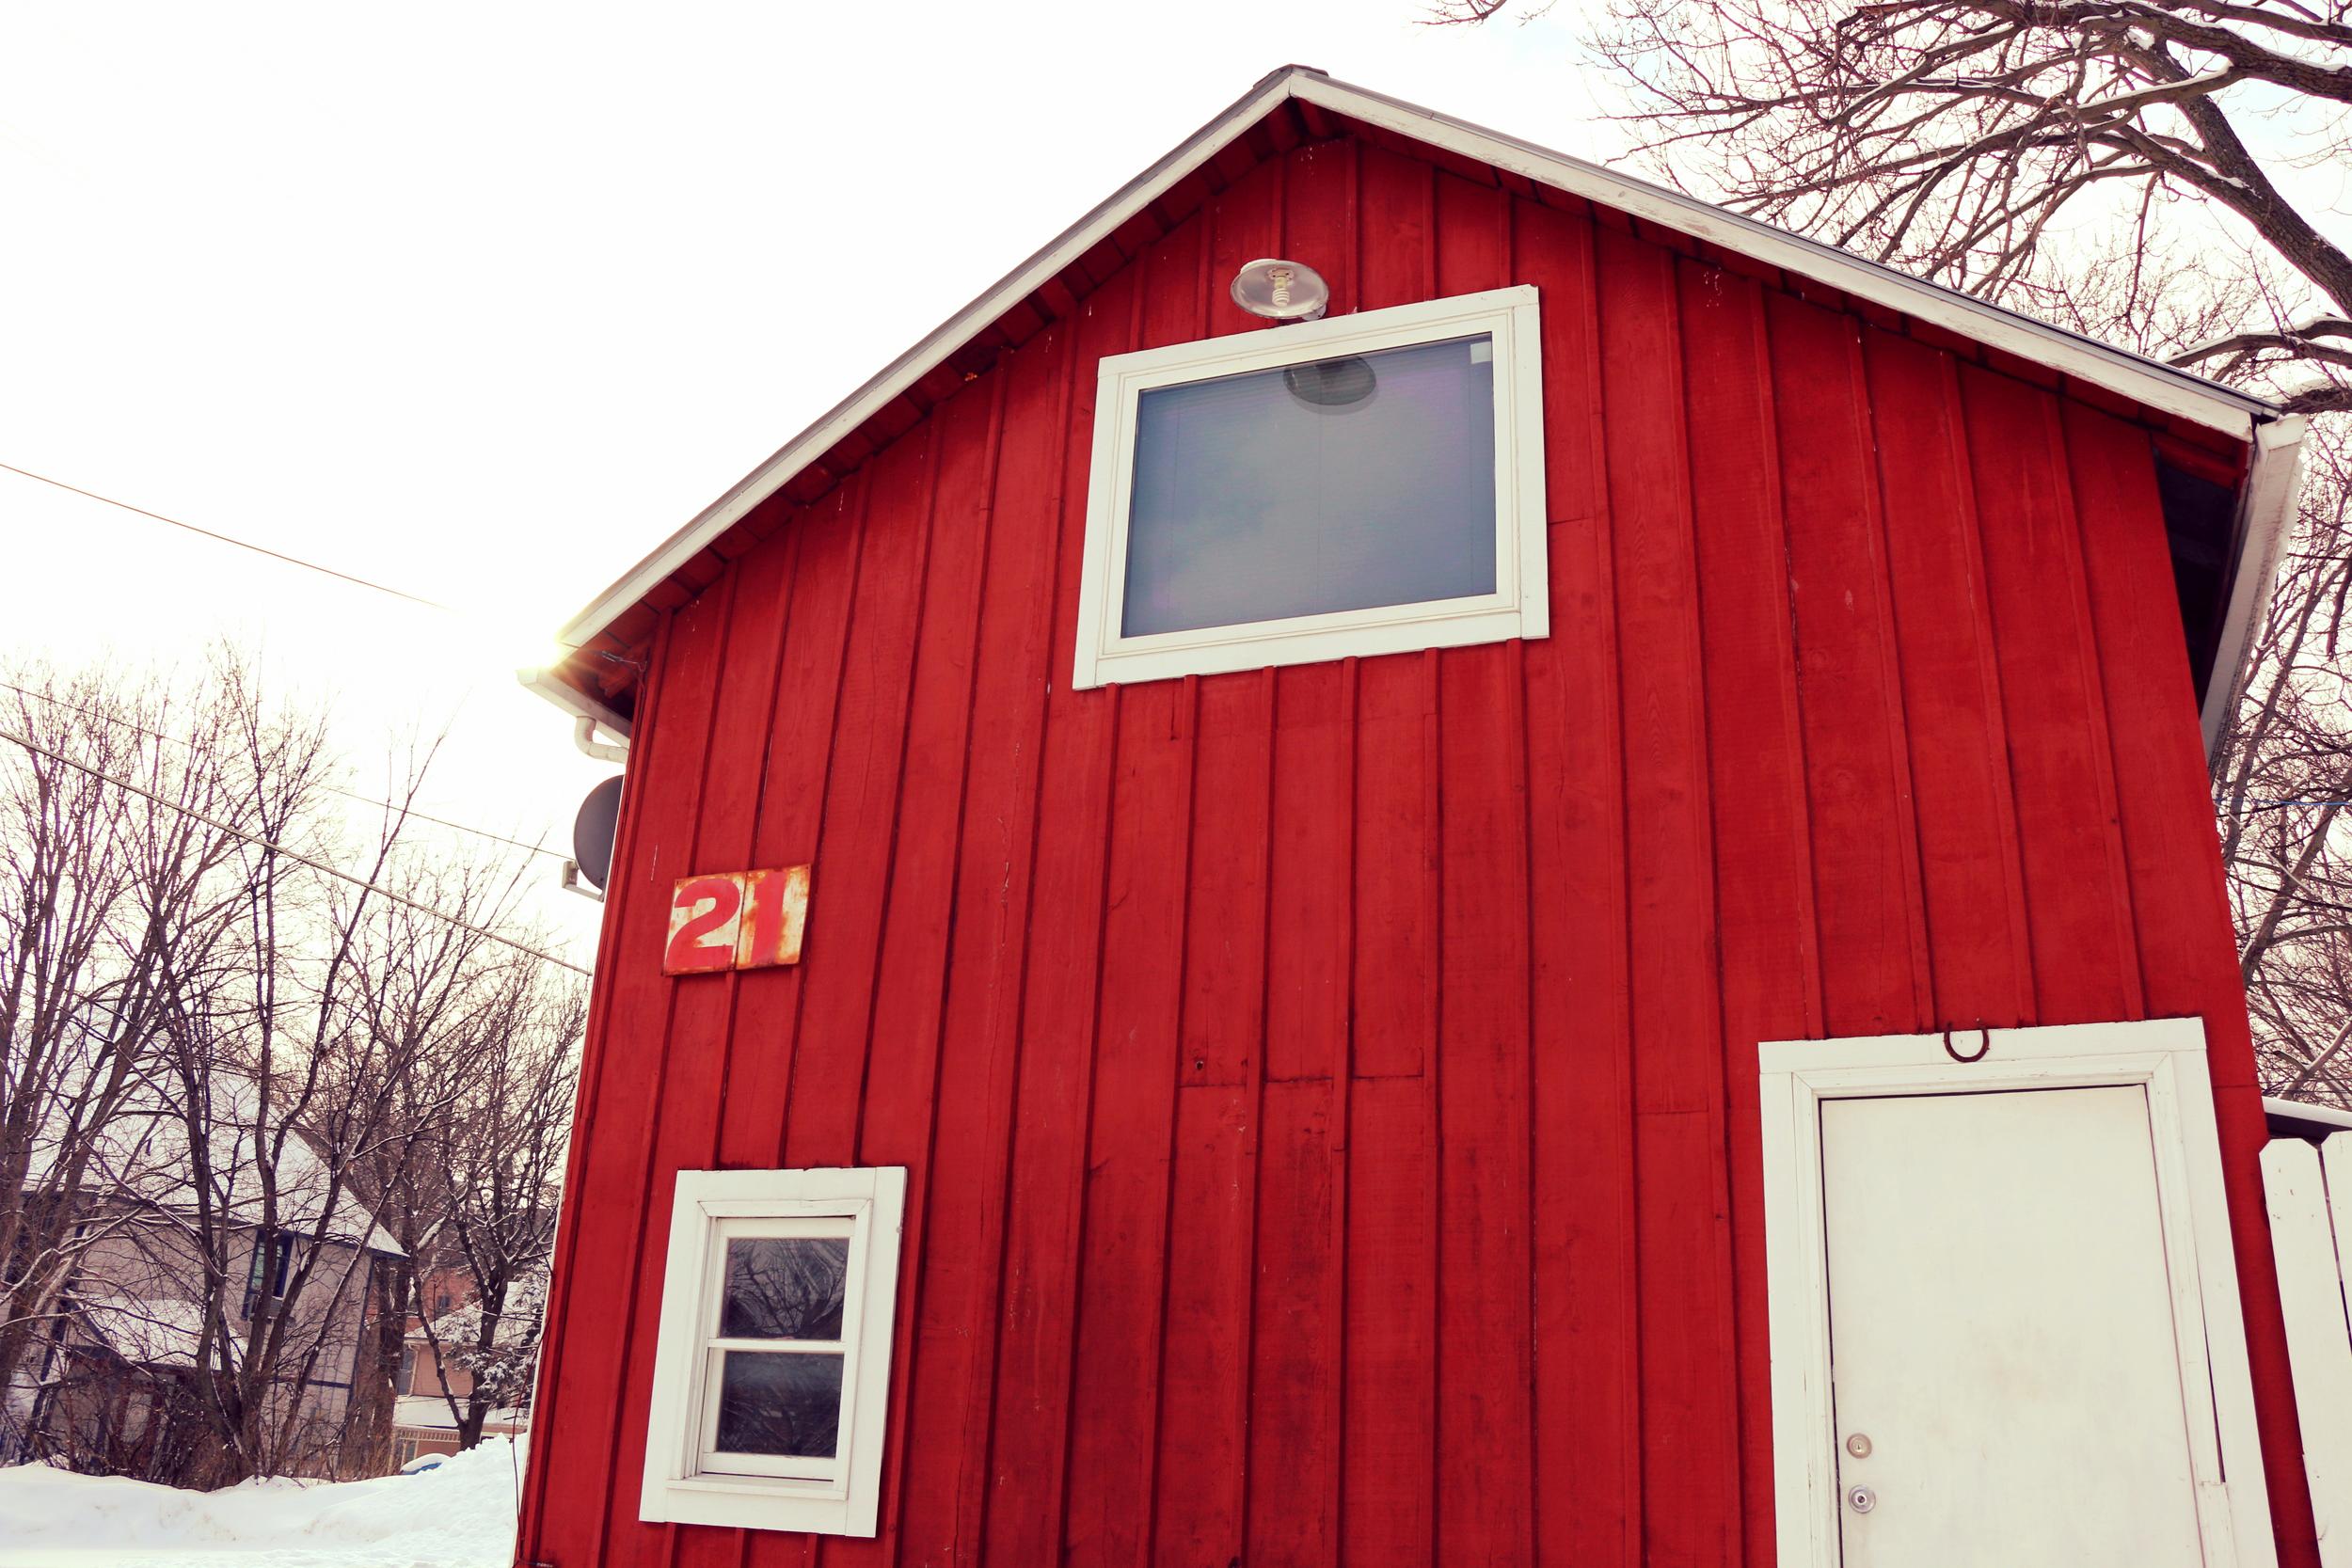 STUDIO LOCATION: 21 N Van Buren St., in the red barn between Iowa Ave. & Jefferson St.